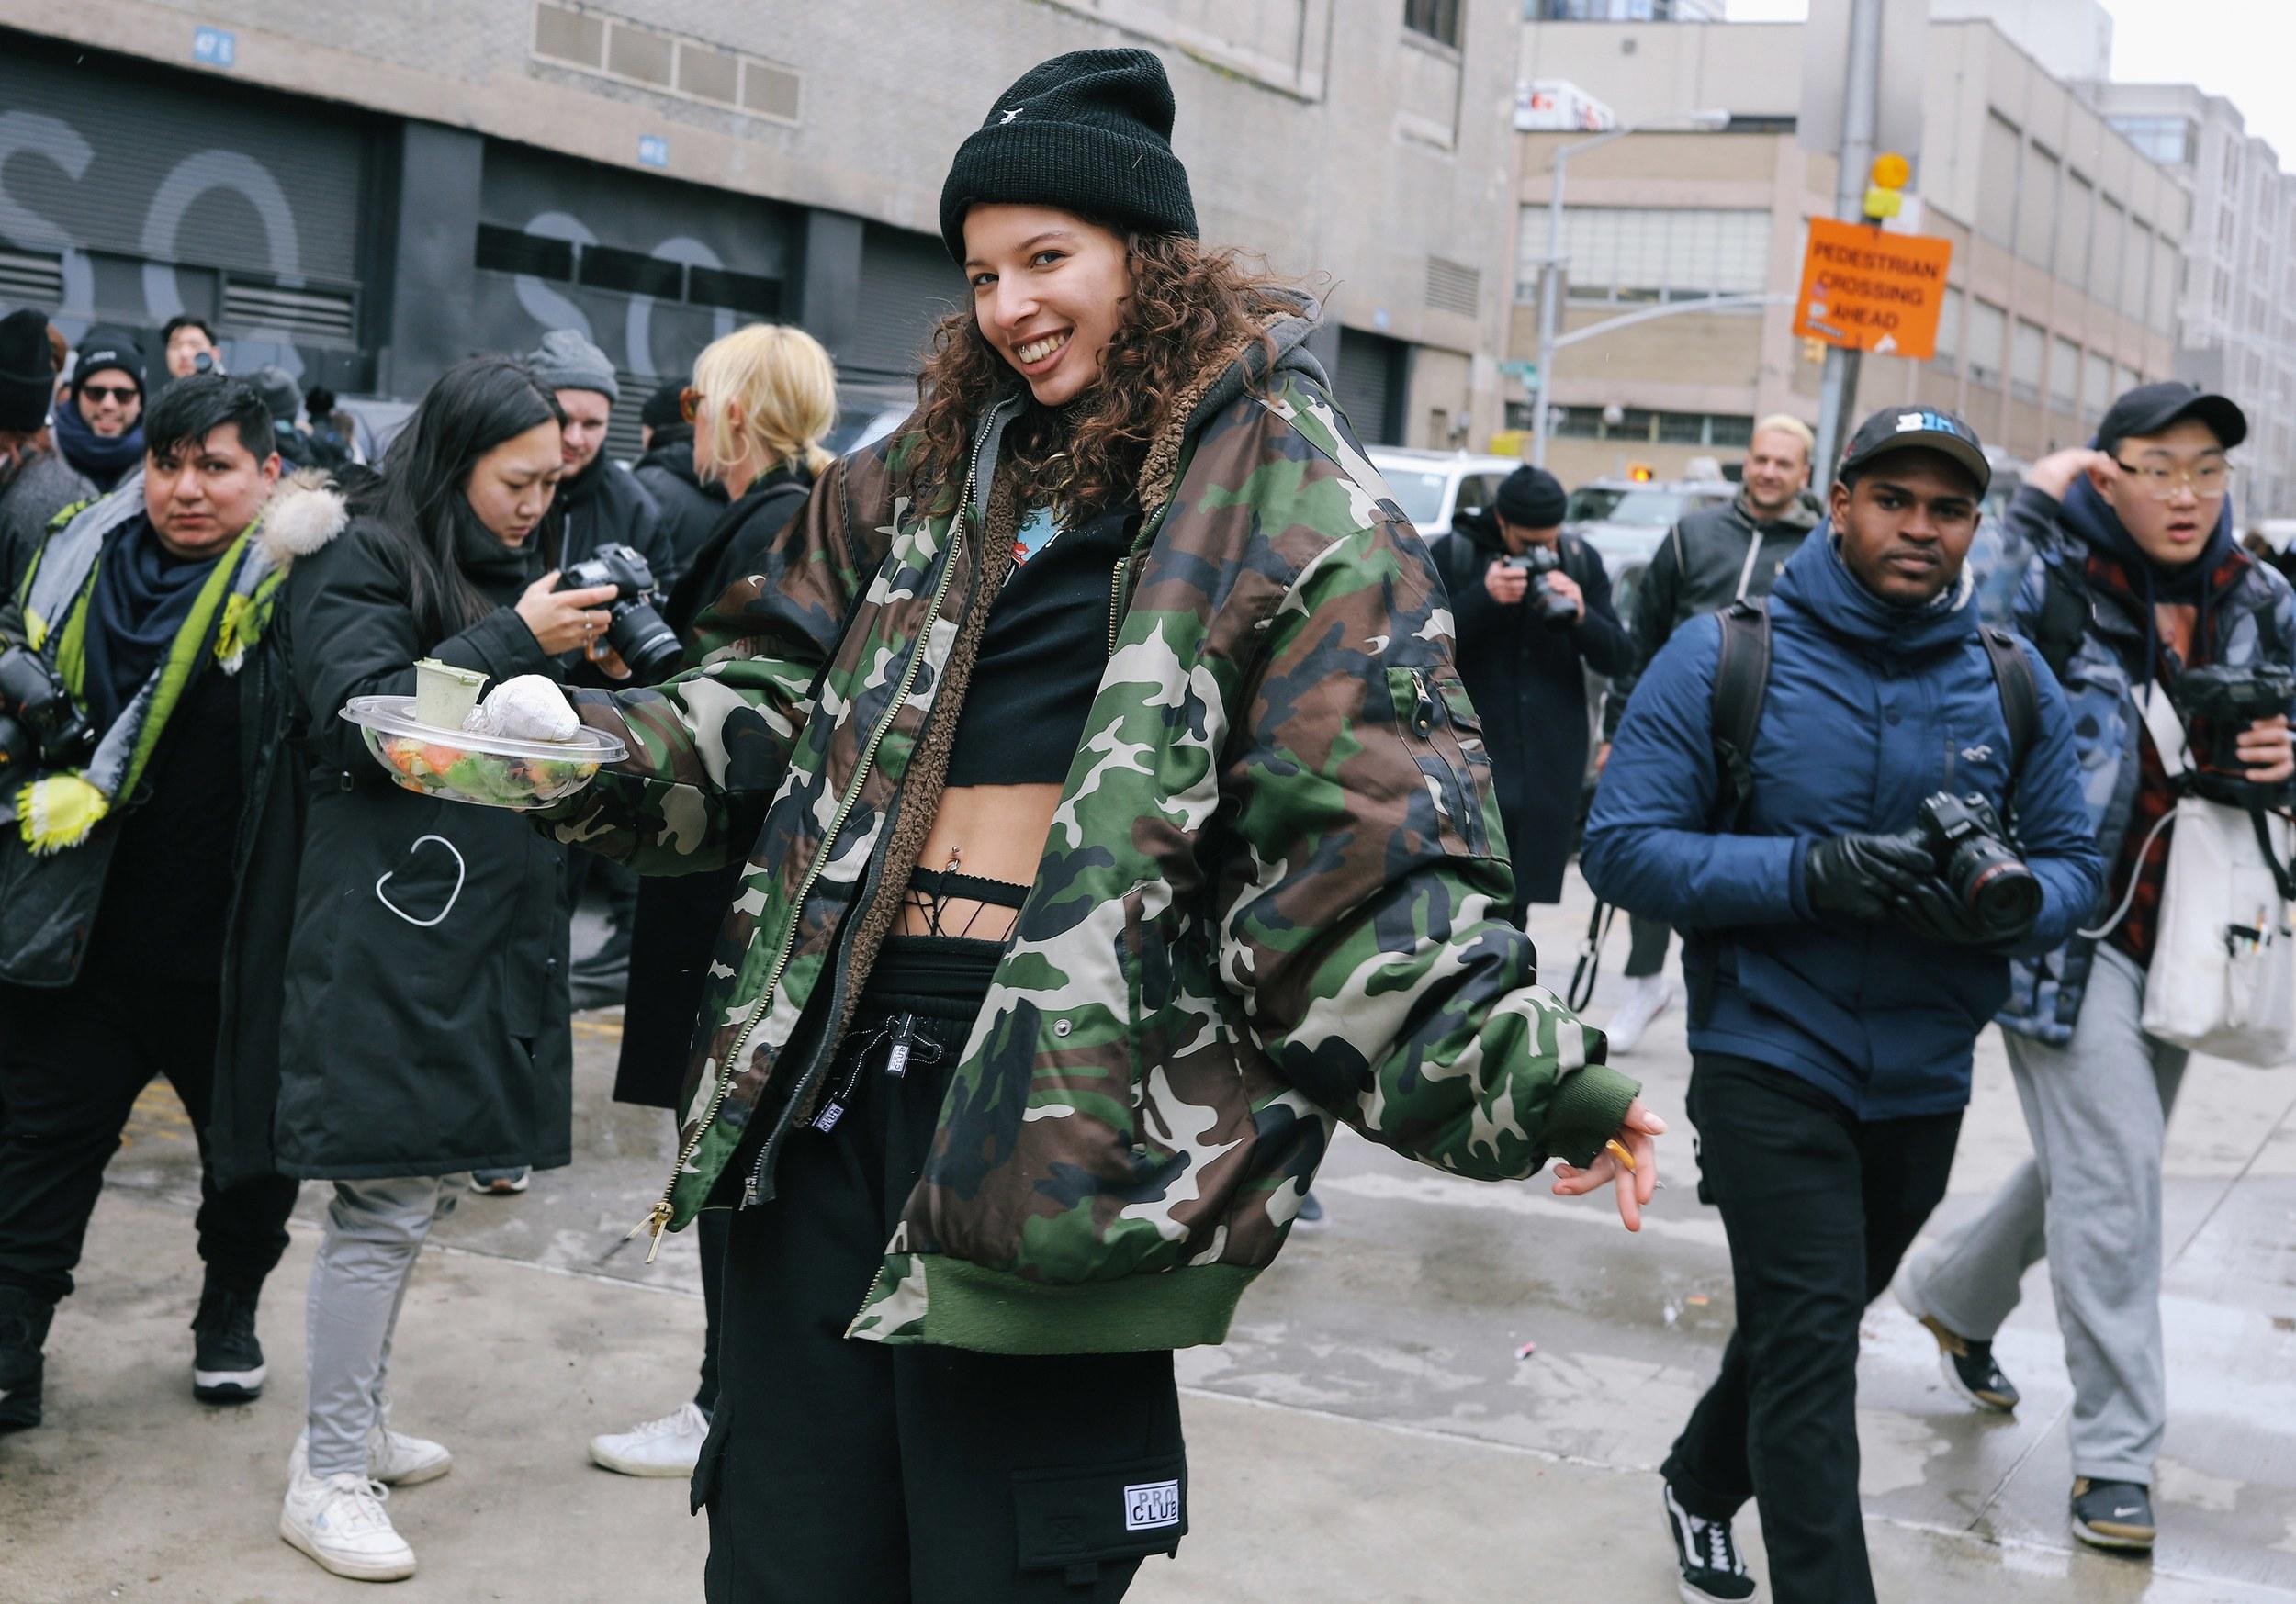 Chiêm ngưỡng đặc sản street style đẹp khó rời mắt tại Tuần lễ thời trang New York - Ảnh 17.